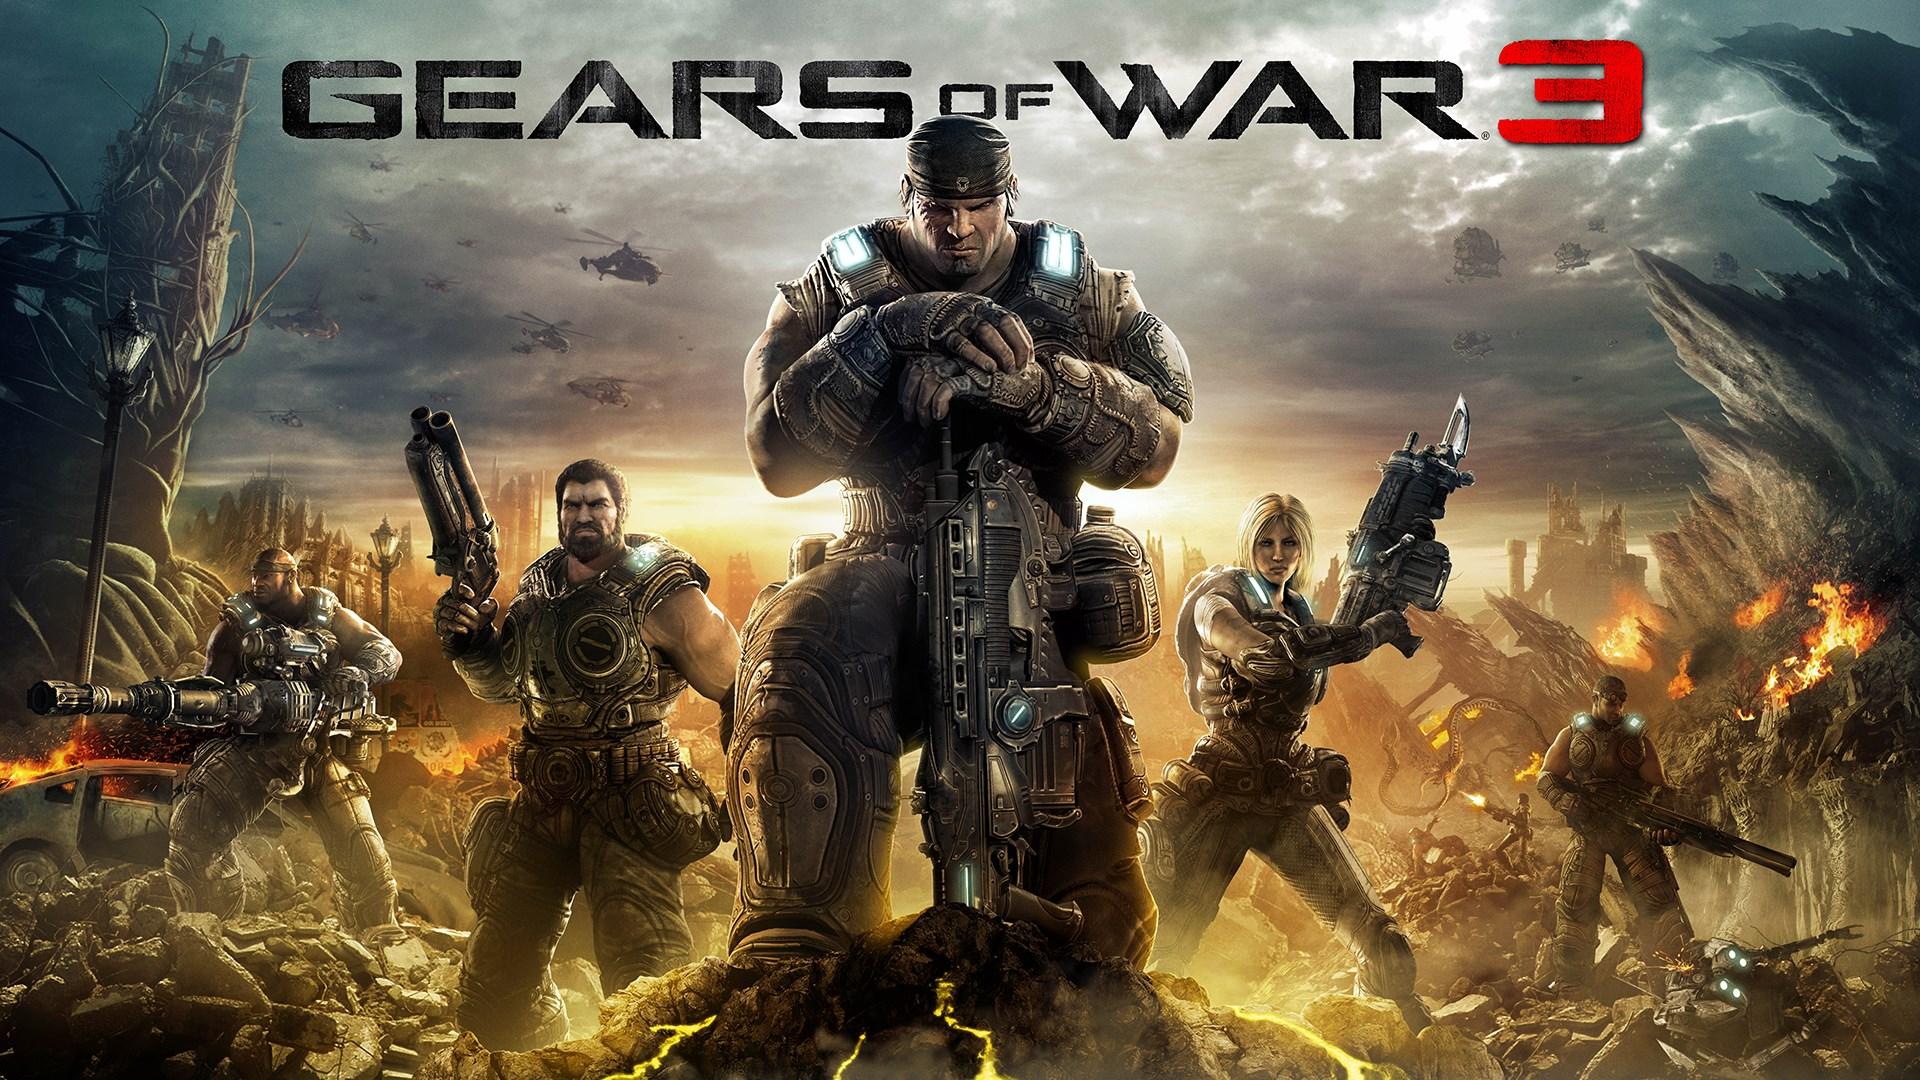 Une version PS3 de Gears of War 3 apparaît sur YouTube